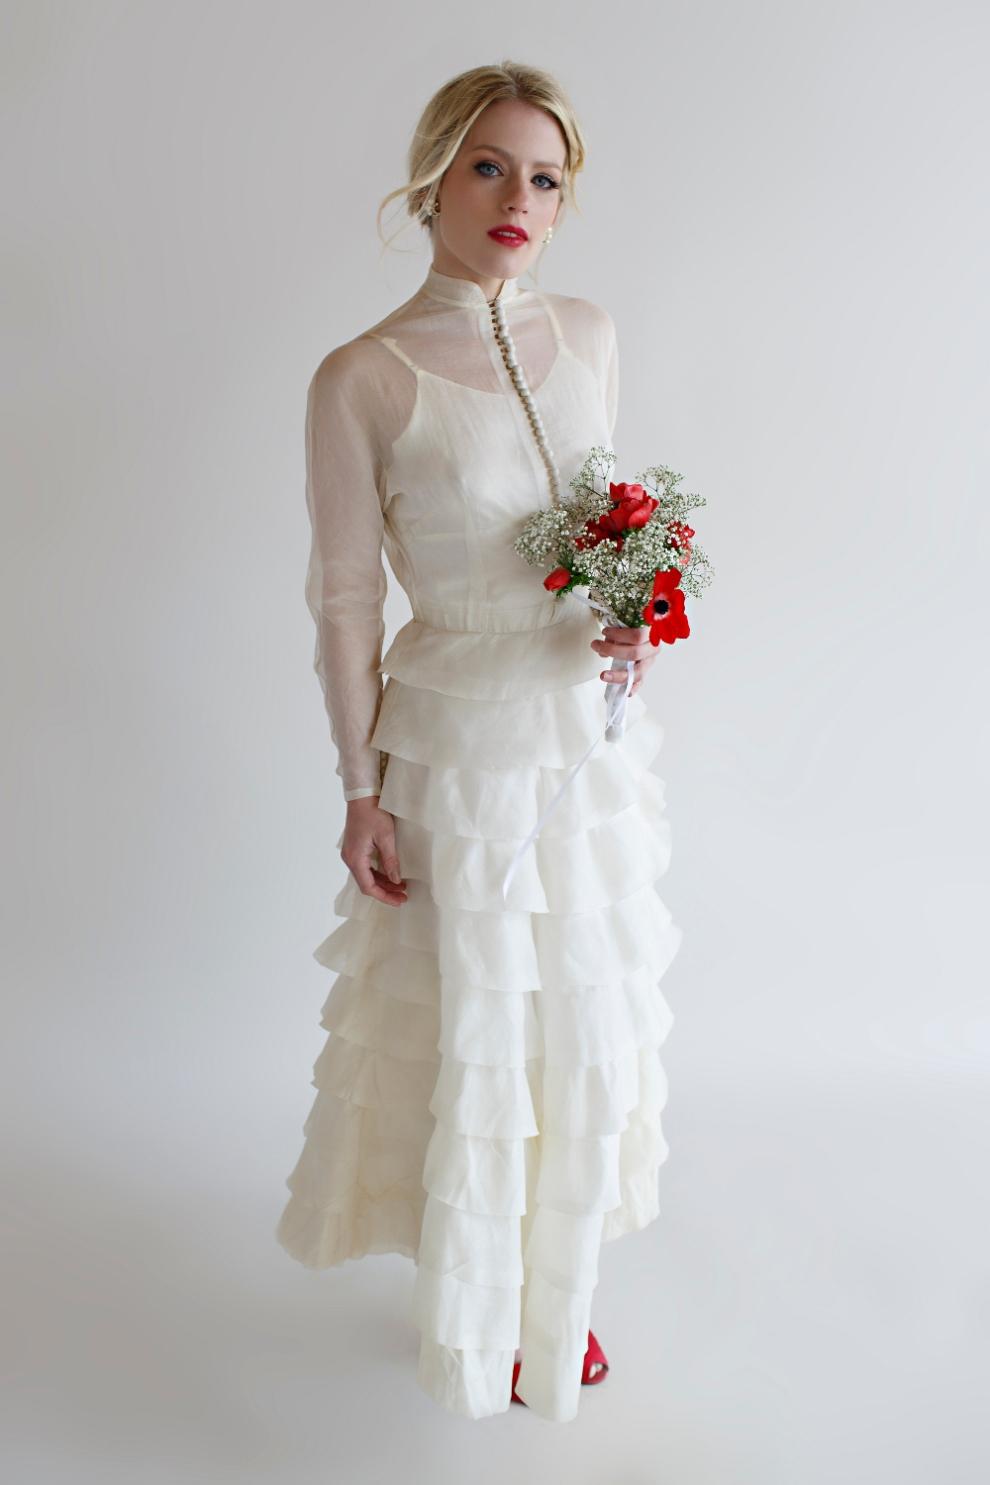 Beloved Vintage Bridal - The Lillie Gown